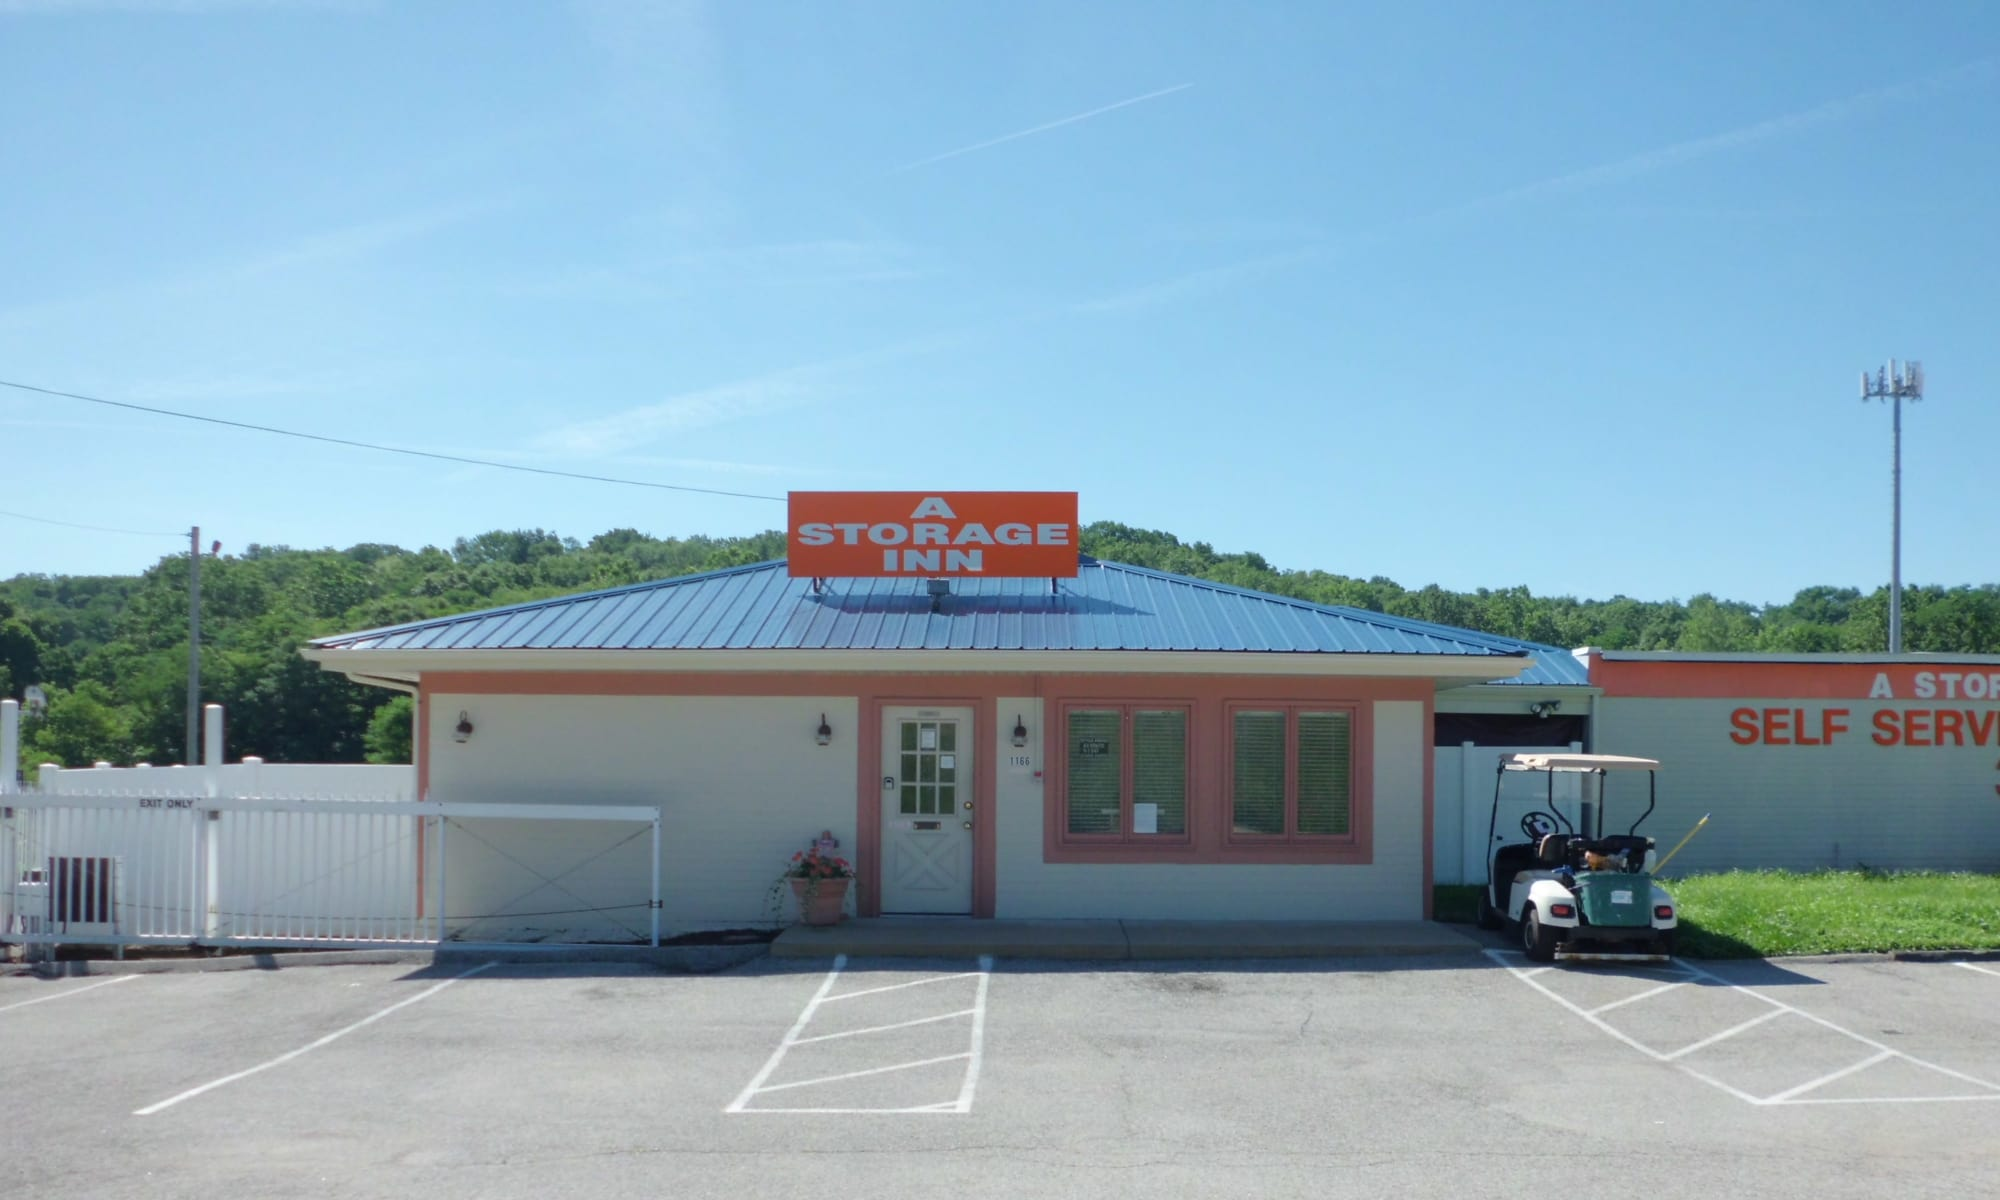 Storage units available at A Storage Inn - Fenton in Fenton, MO